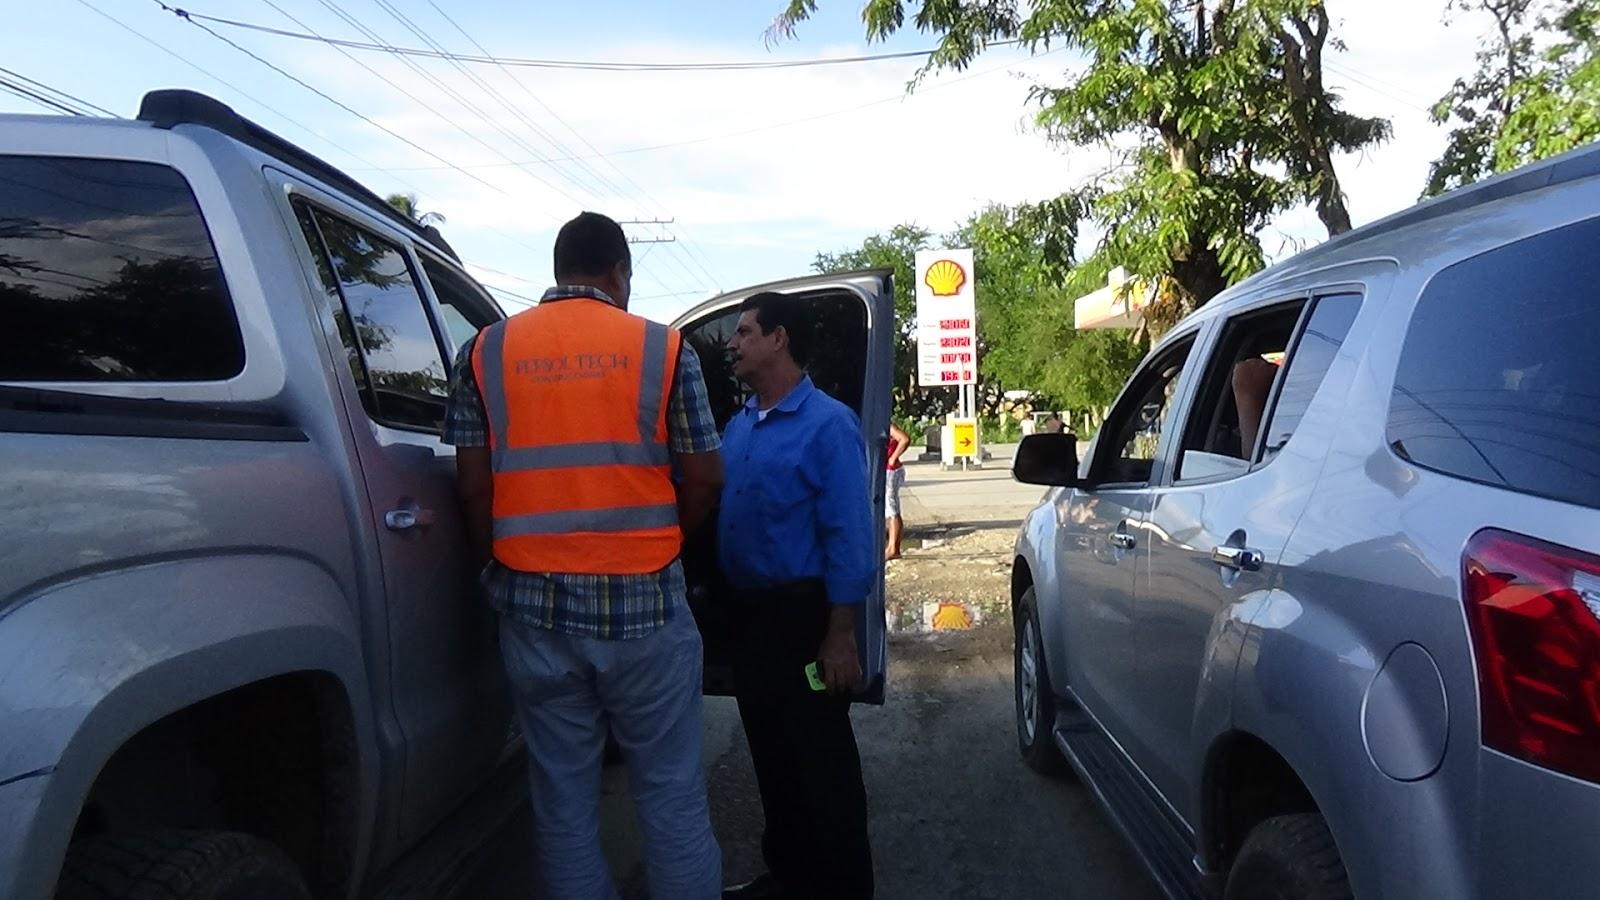 Ingenieros de obras publicas miden calles para el asfaltado de Rio San Juan